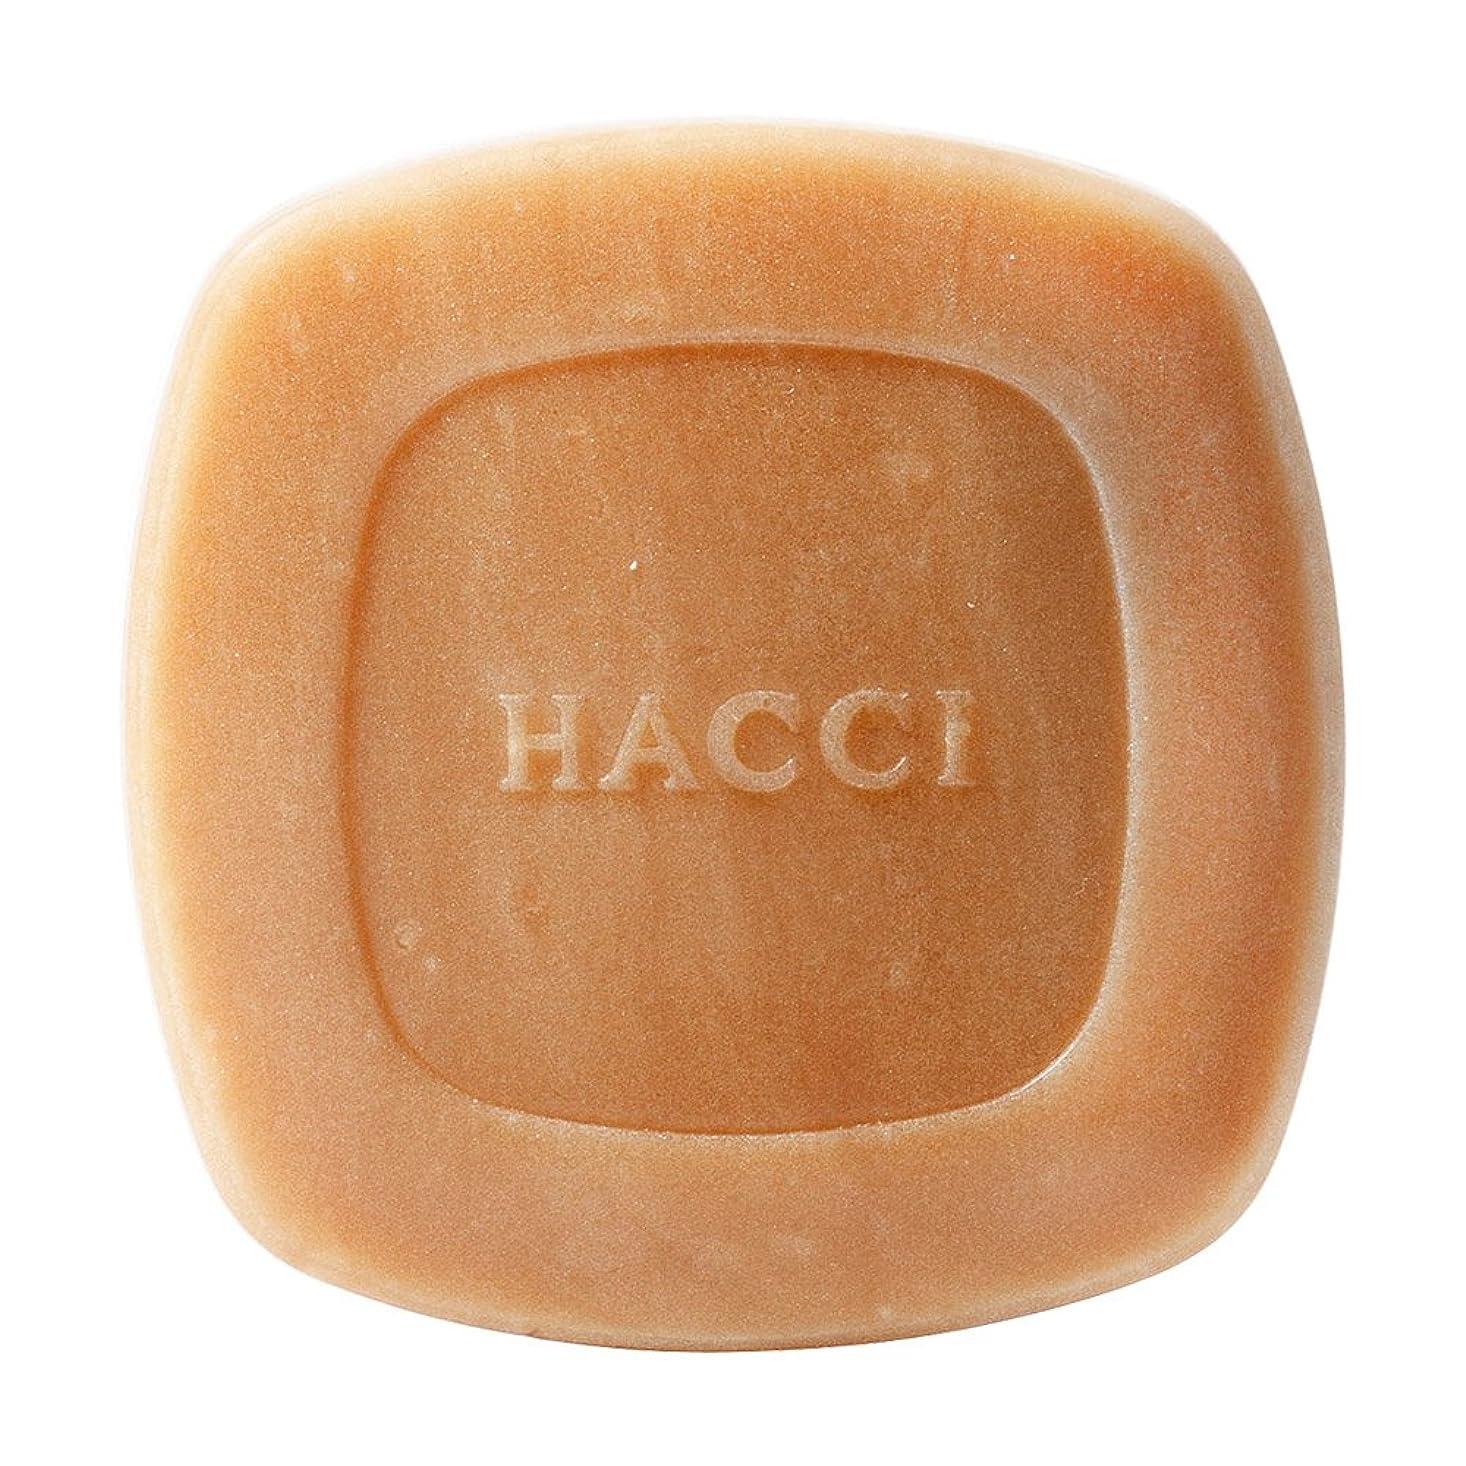 住所拒絶する外国人HACCI 1912(ハッチ1912) はちみつ洗顔石けん 80g